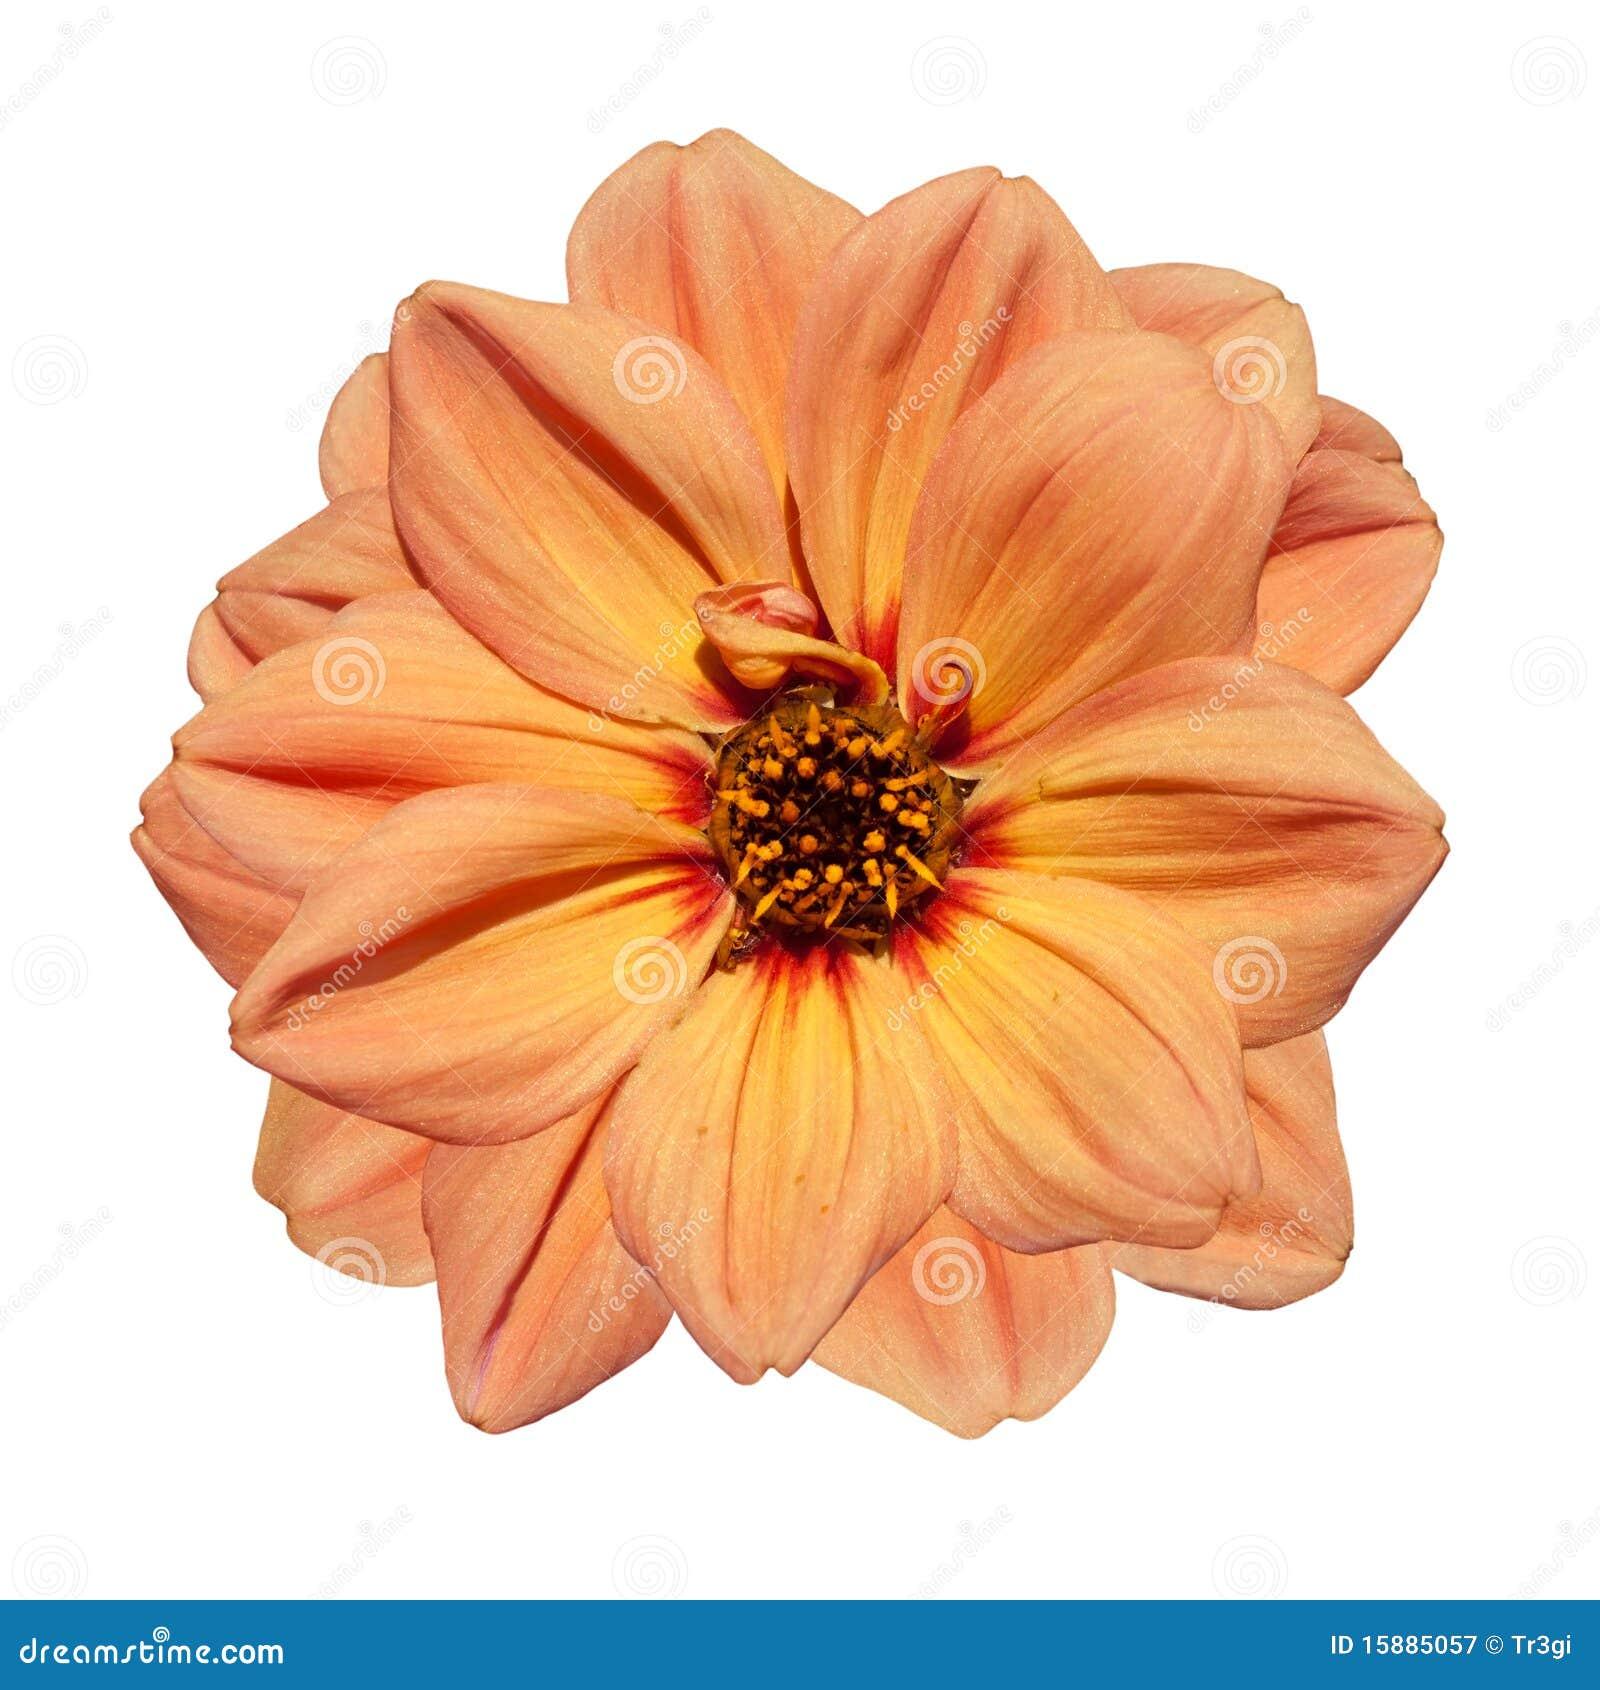 Orange Dahlia Flower Isolated On White Background Stock ...